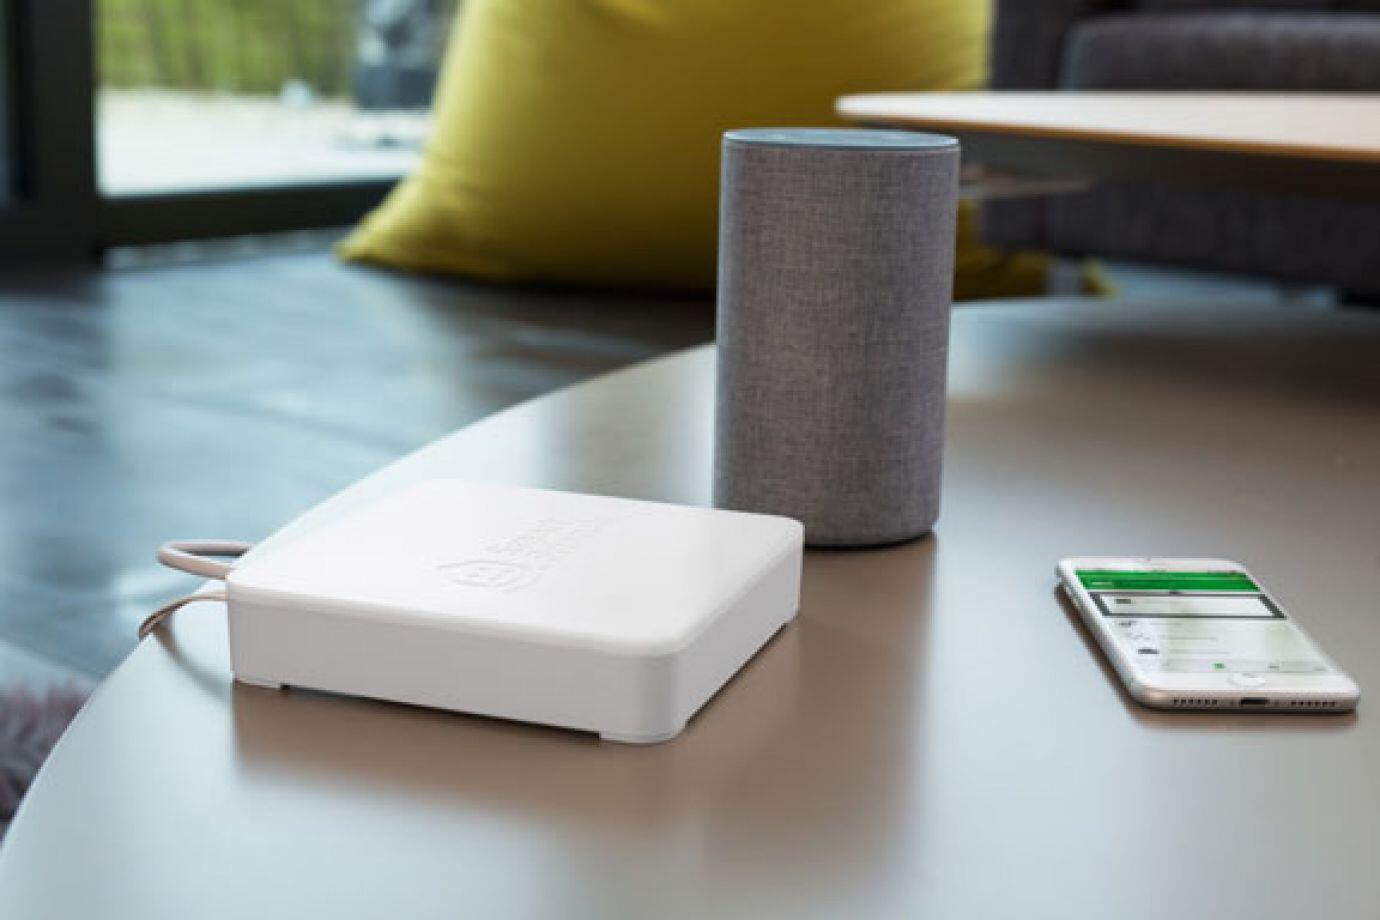 Smart Friends Box mit Alexa und Handy von der Seite